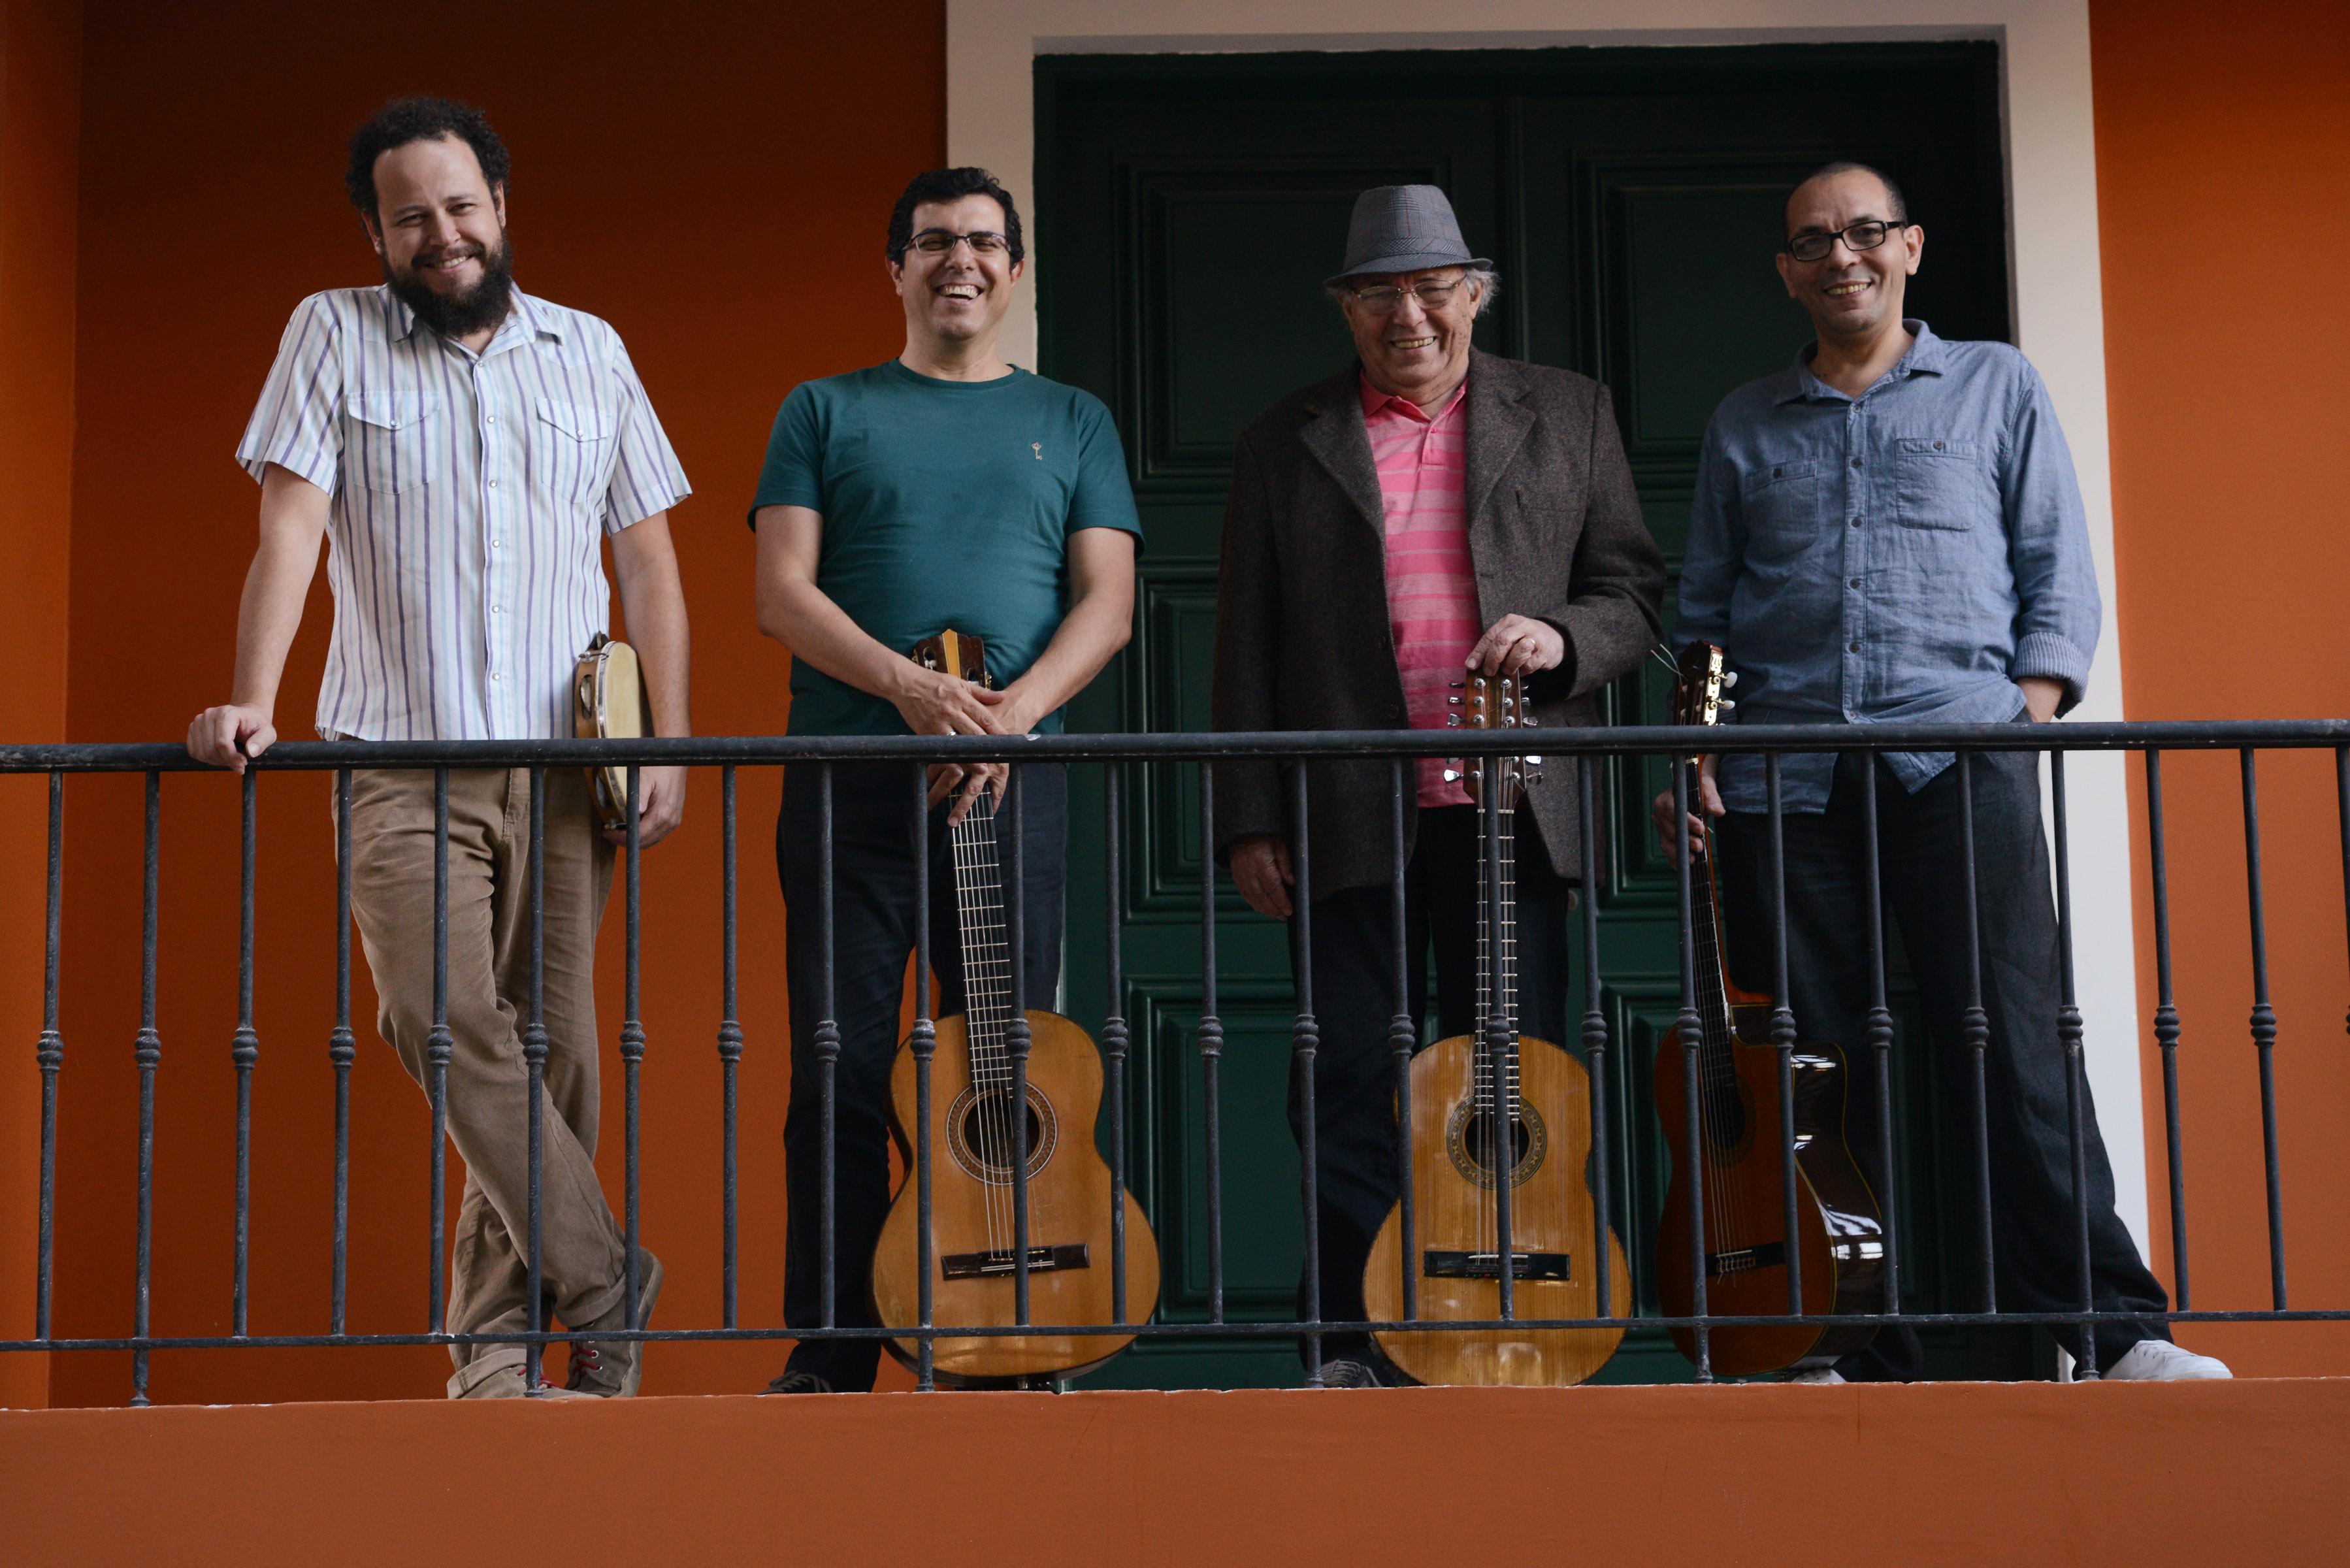 Cleber Almeida, Edmilson Capelupi, Heraldo do Monte e Luís do Monte: o grupo do CD Foto: Joaquim Nabuco / Divulgação